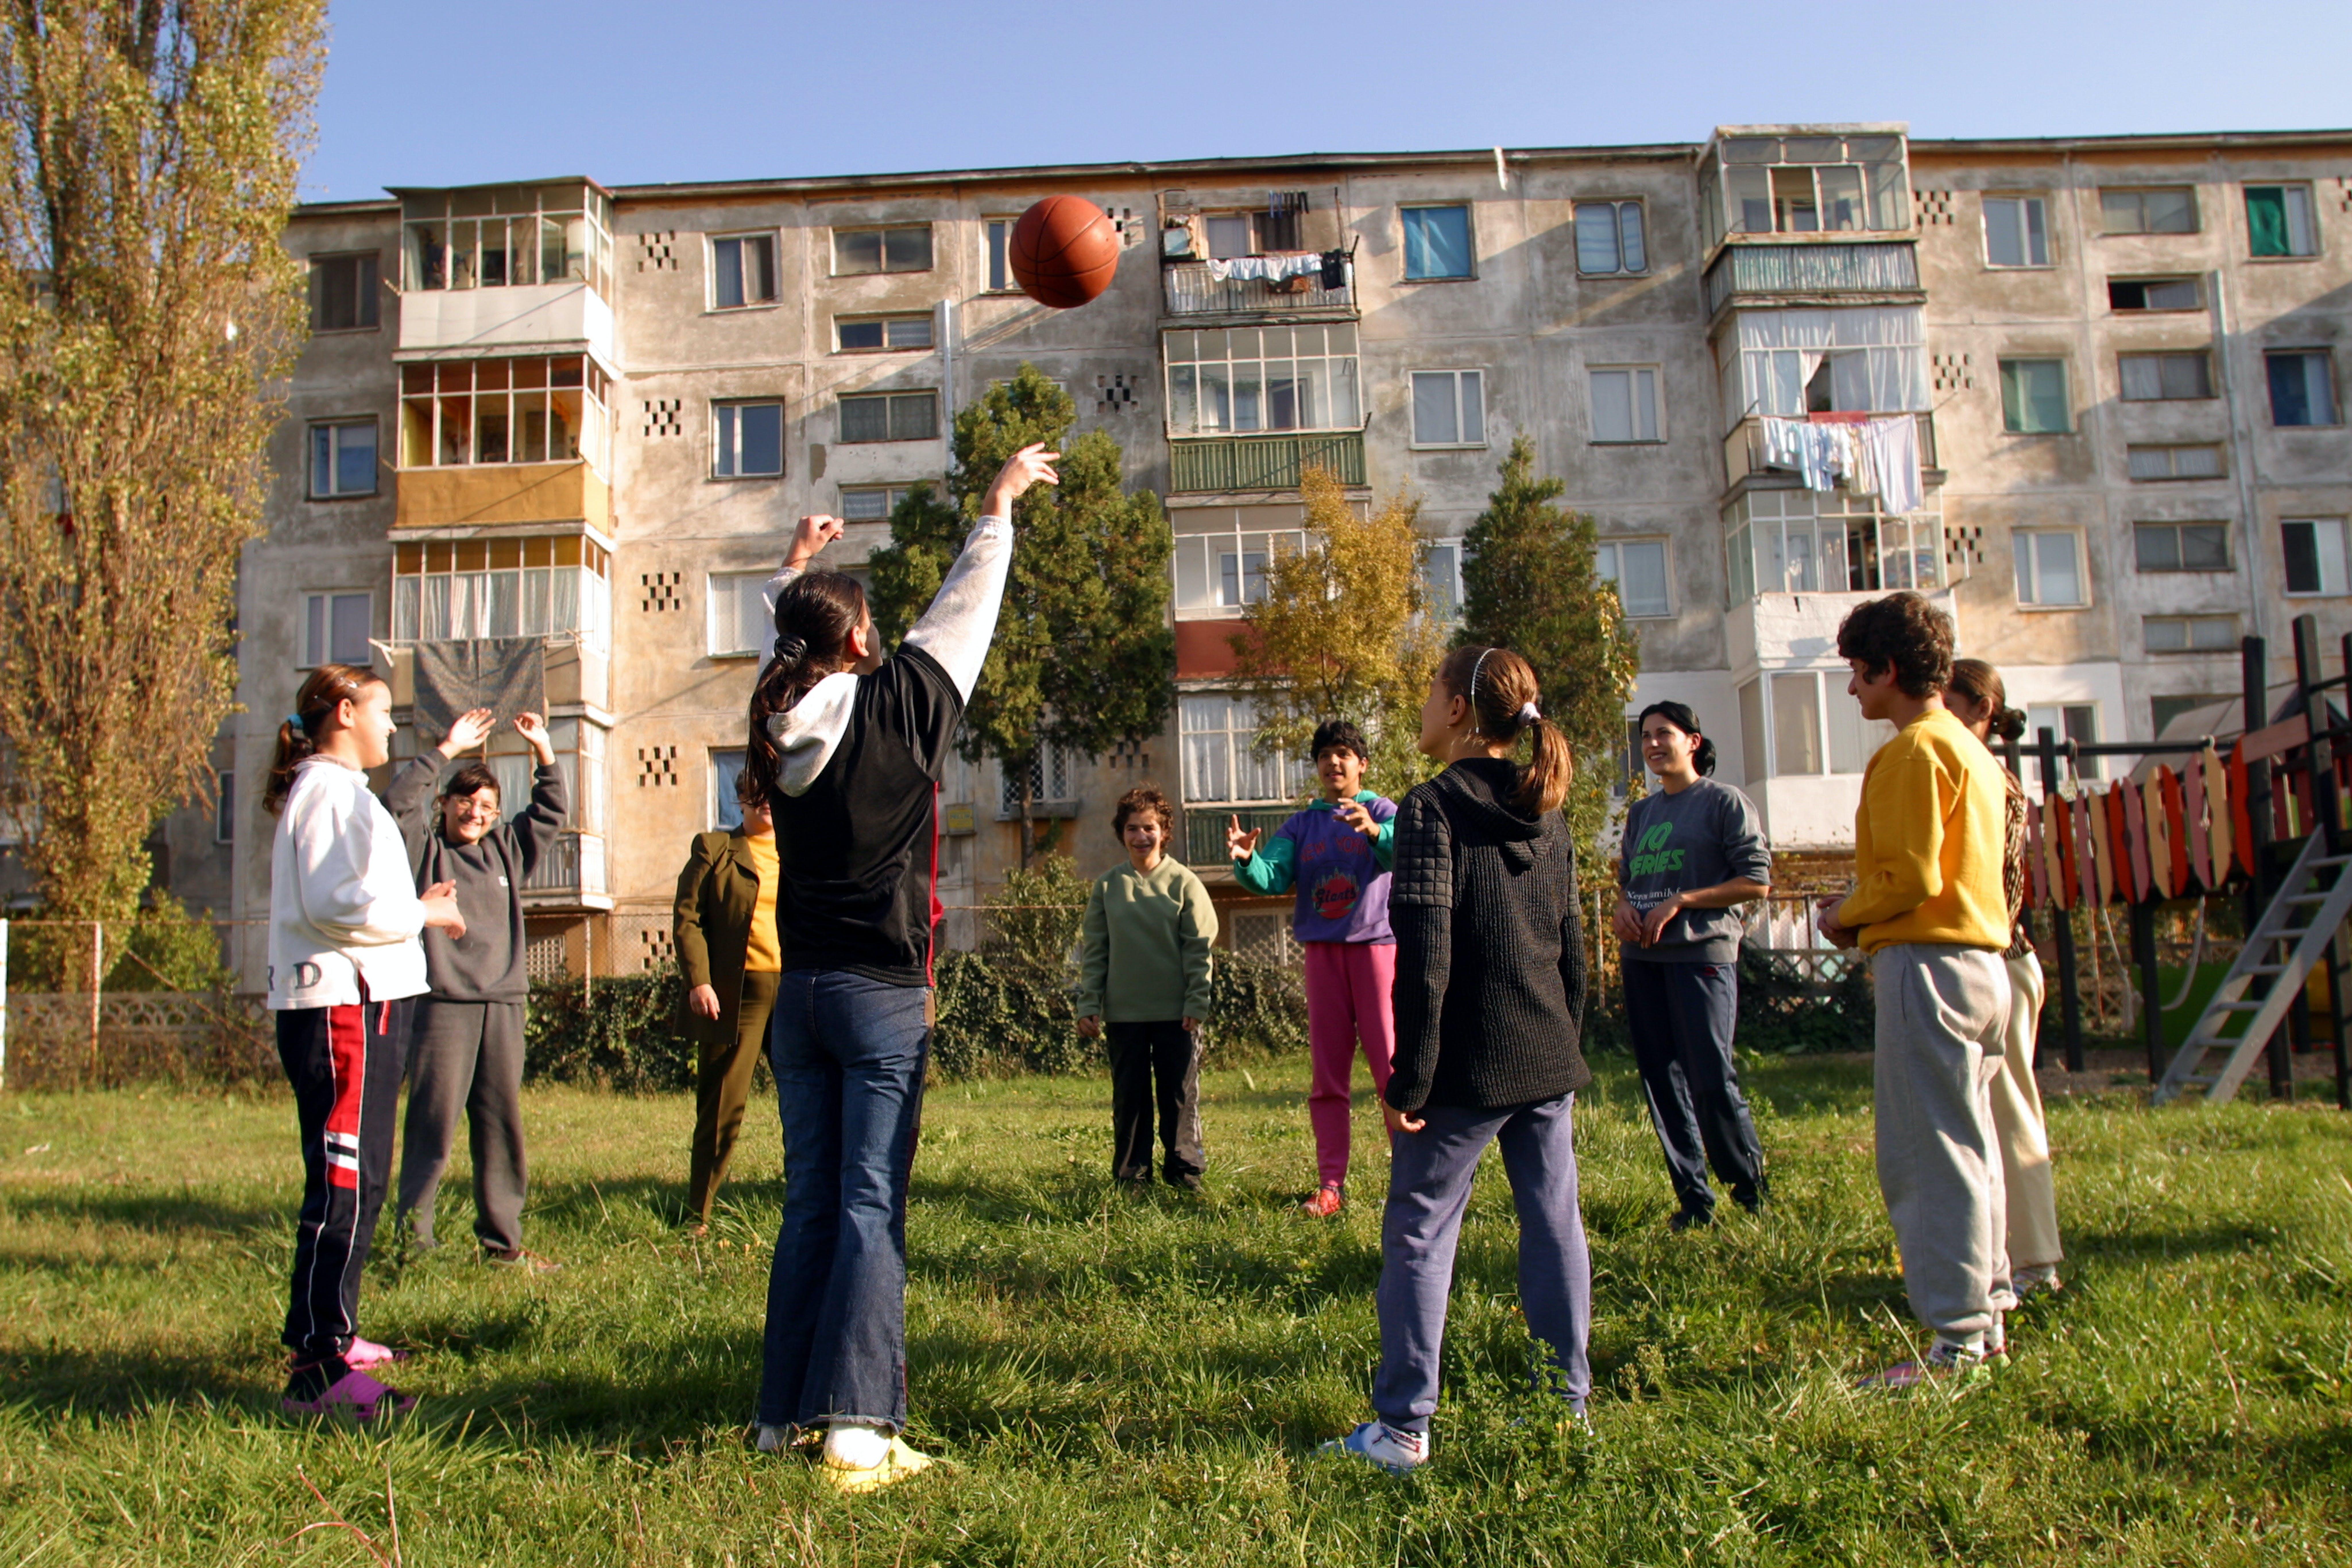 Un gruppo di bambini gioca fuori da una casa per bambini nella città di Constanta.